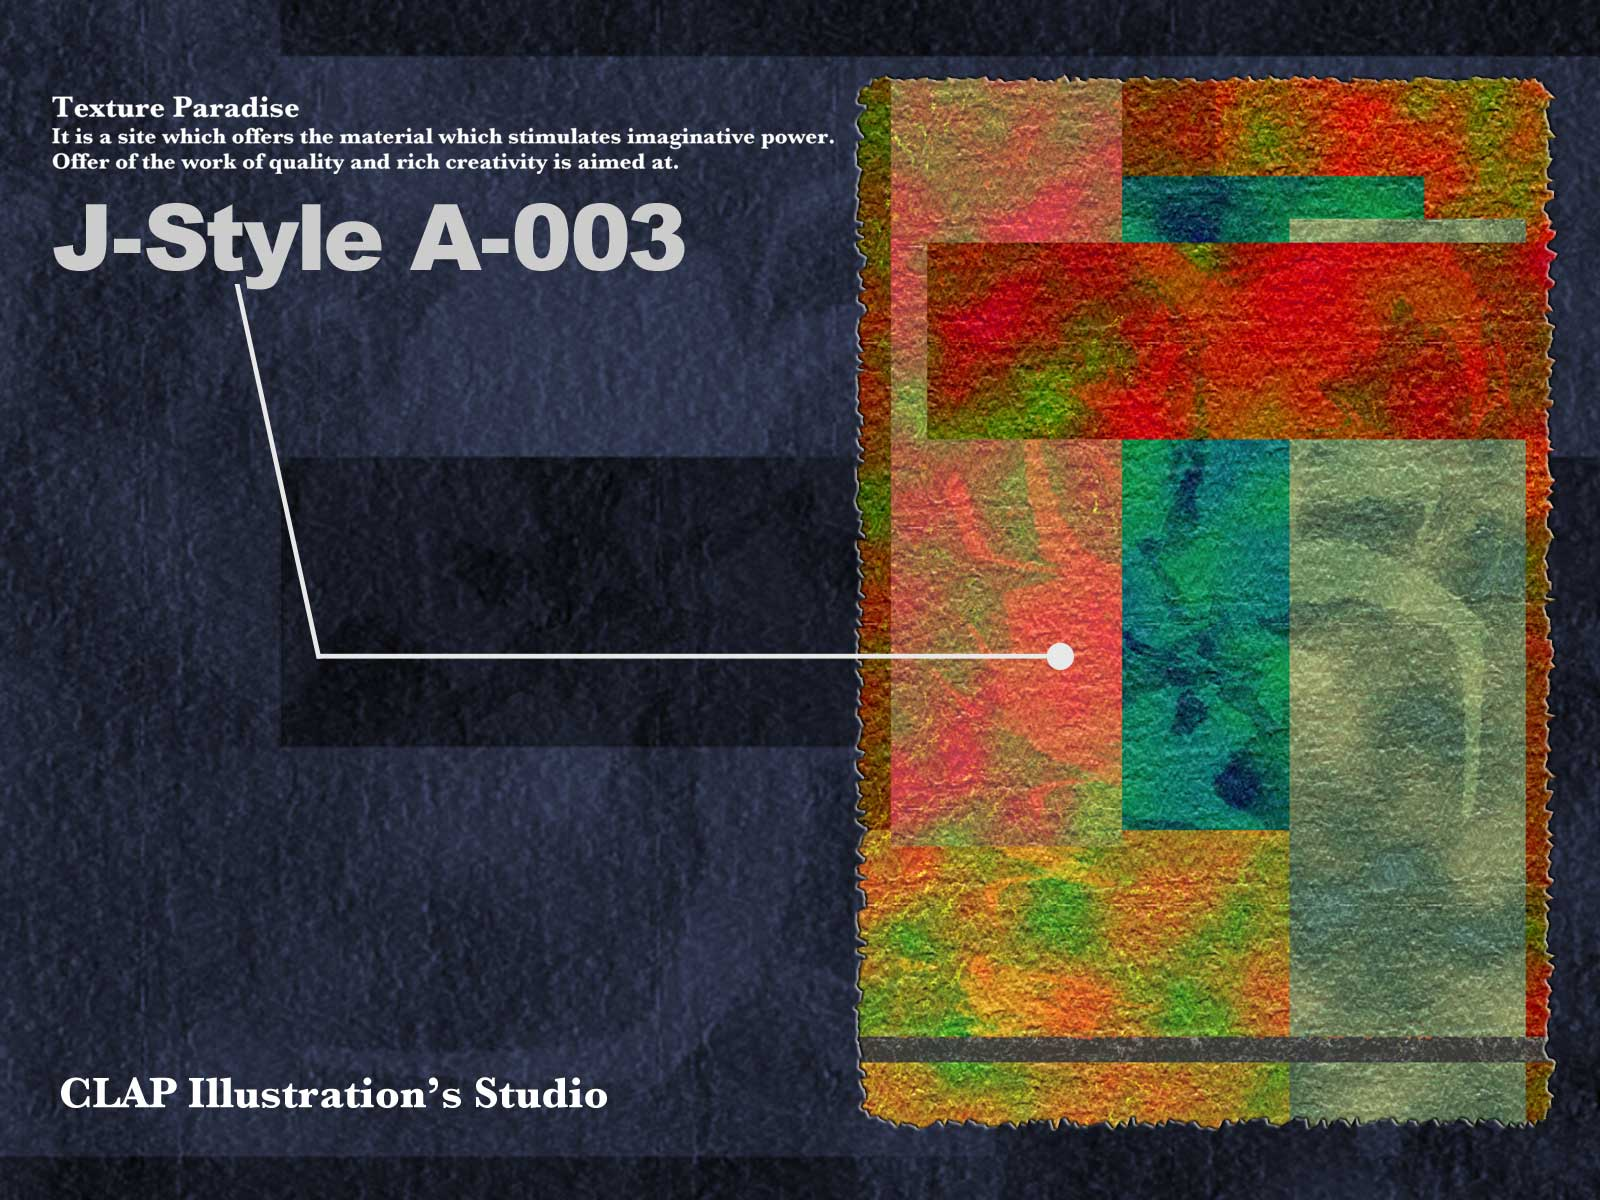 a003_1600x1200.jpg